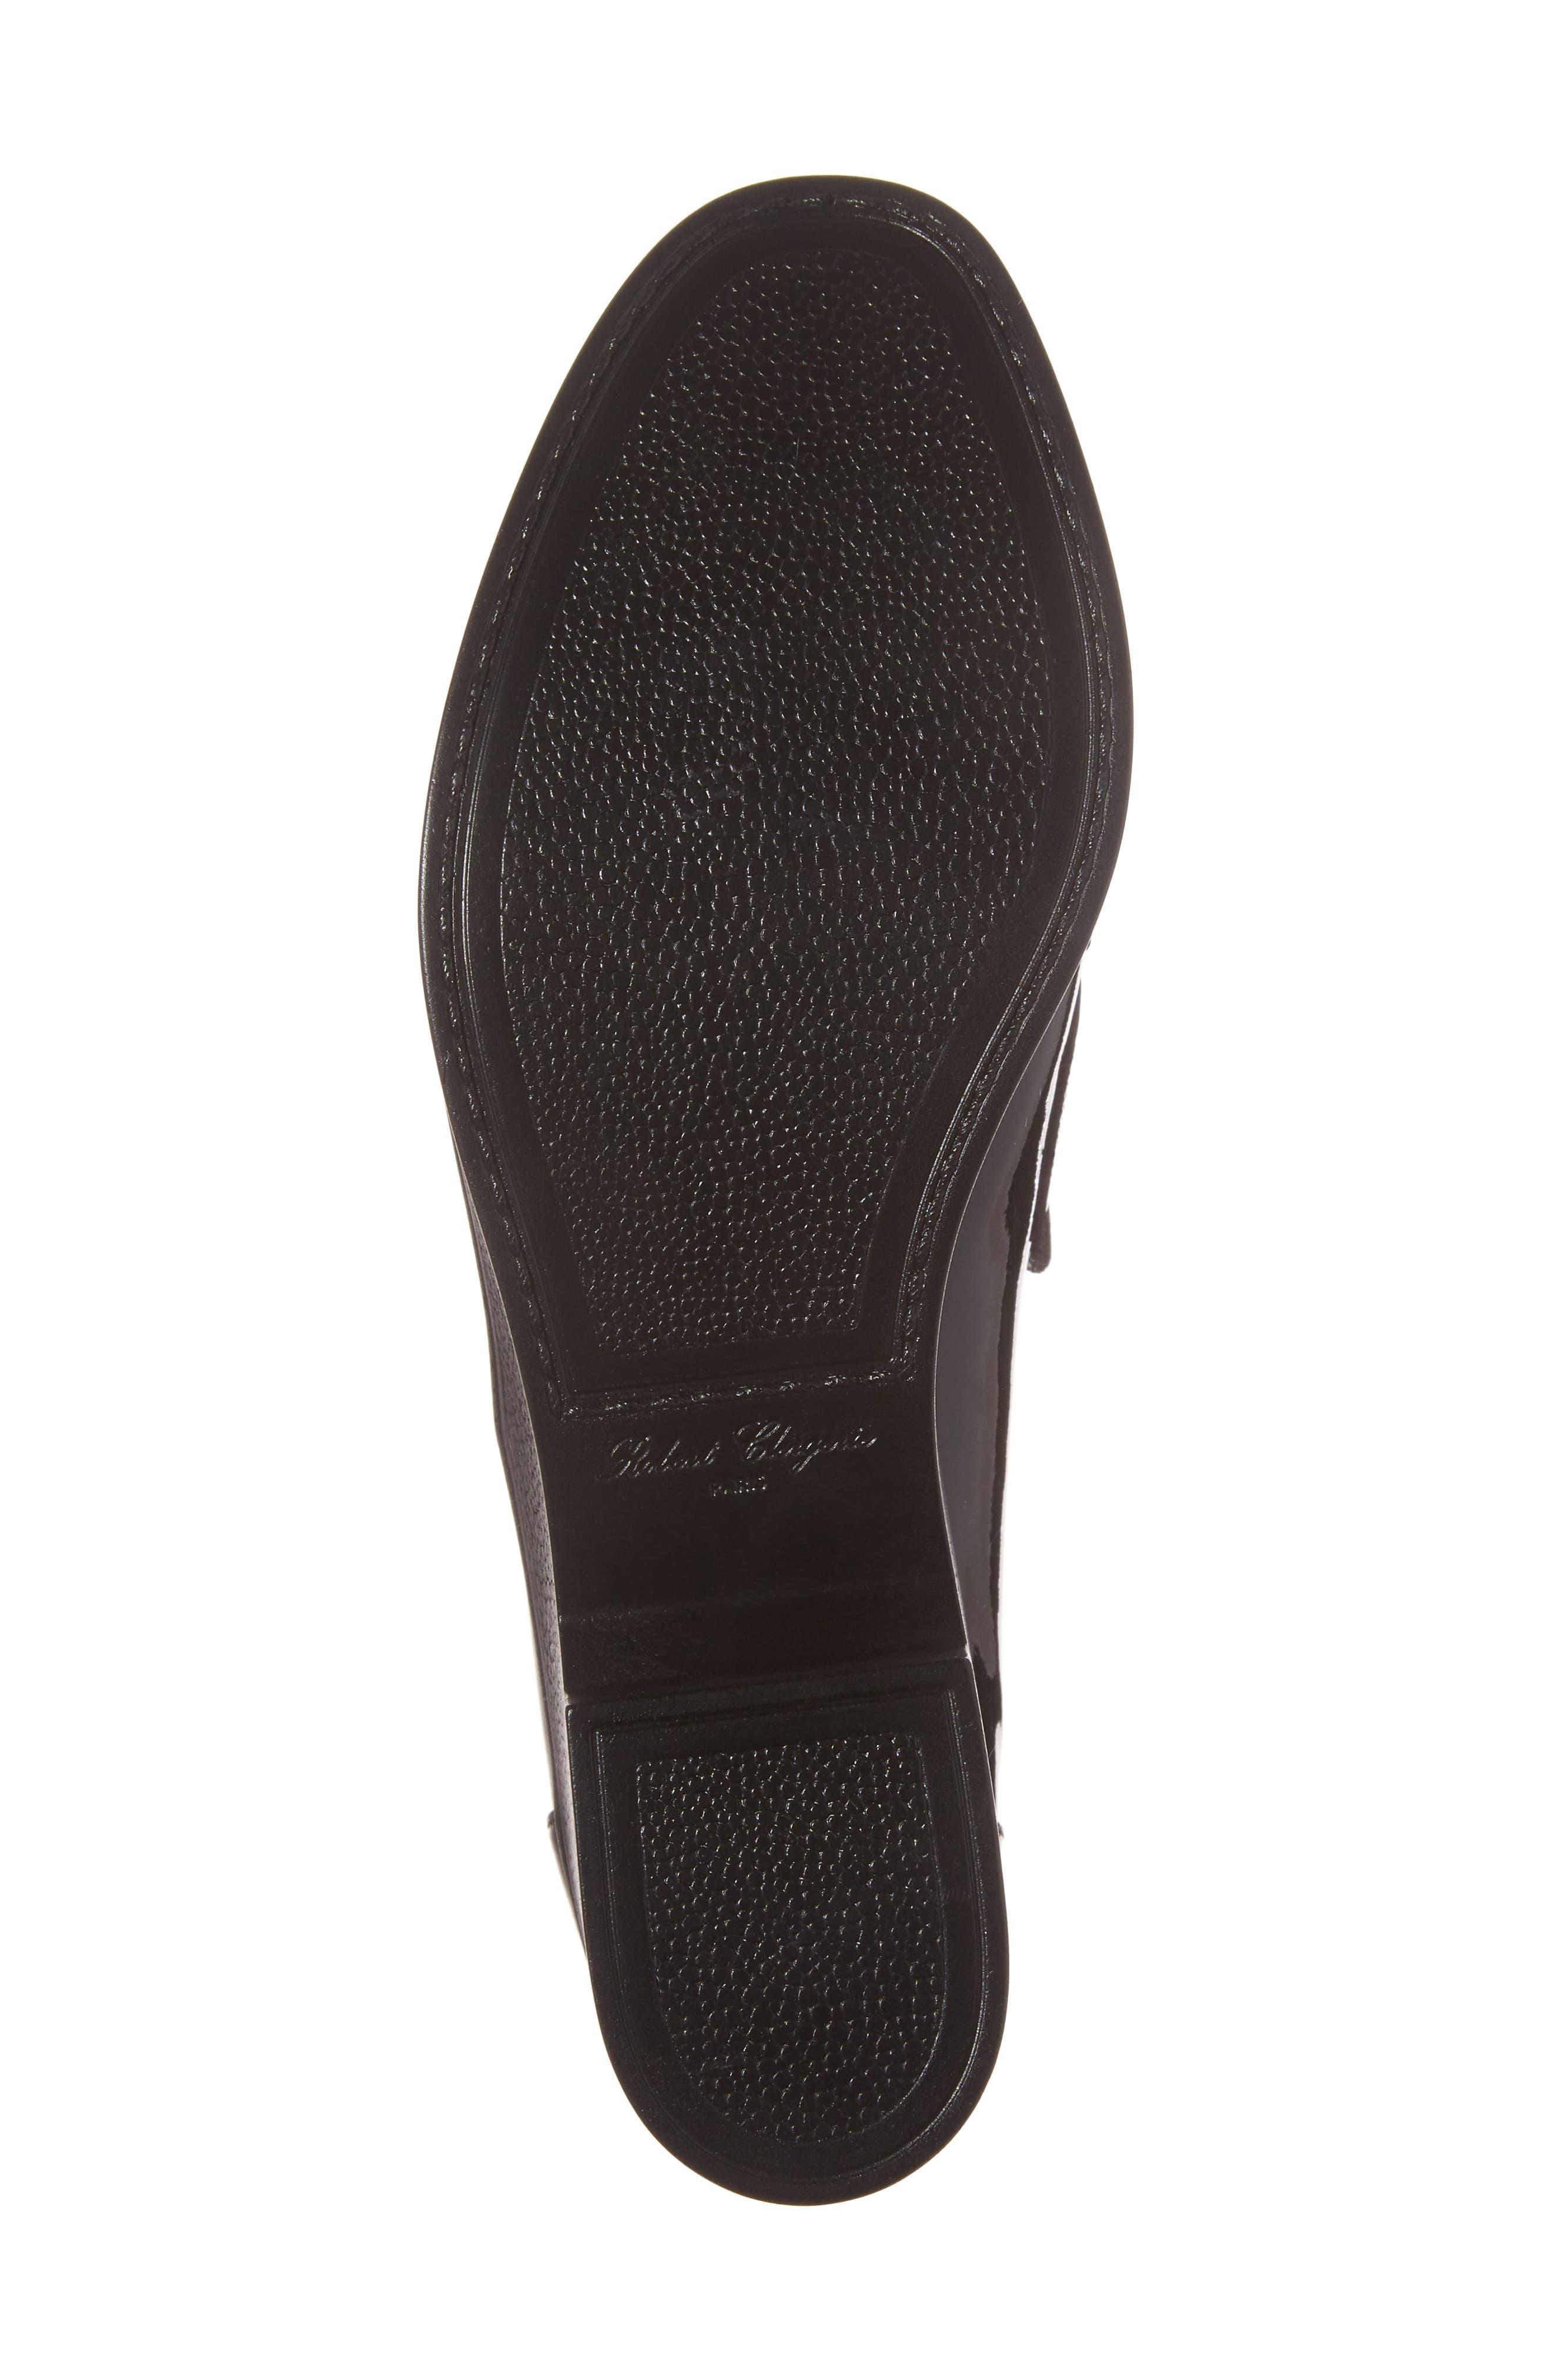 Xock Platform Loafer,                             Alternate thumbnail 6, color,                             Black